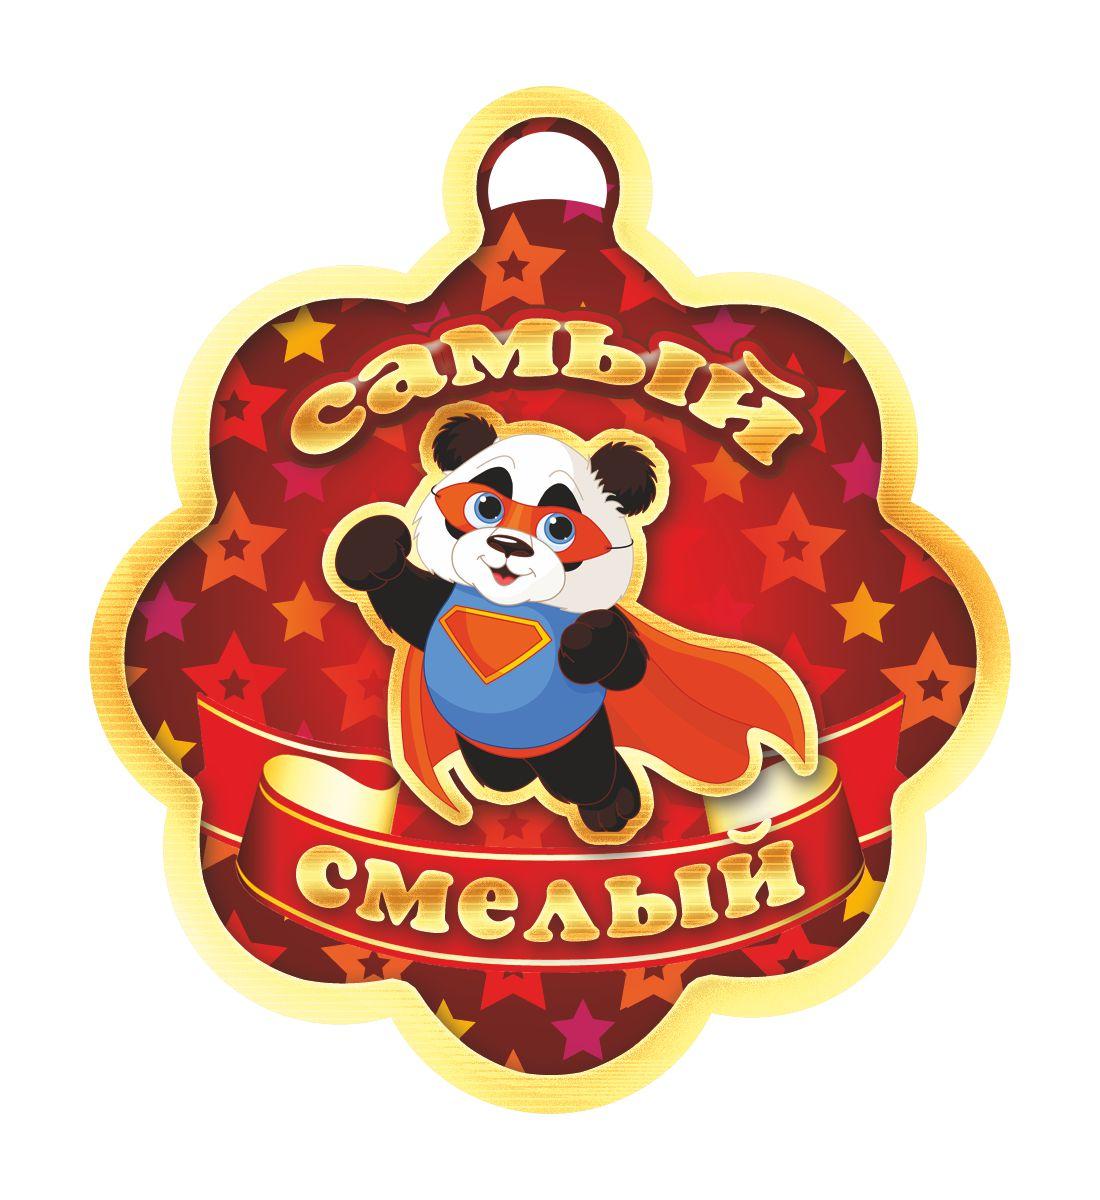 Открытка-медаль Самый смелый. 13721372Открыткой-медалью можно отметить и отличившегося школьника, и лучшего работника, и победителя соревнования. Прекрасный выбор для создания атмосферы праздника.